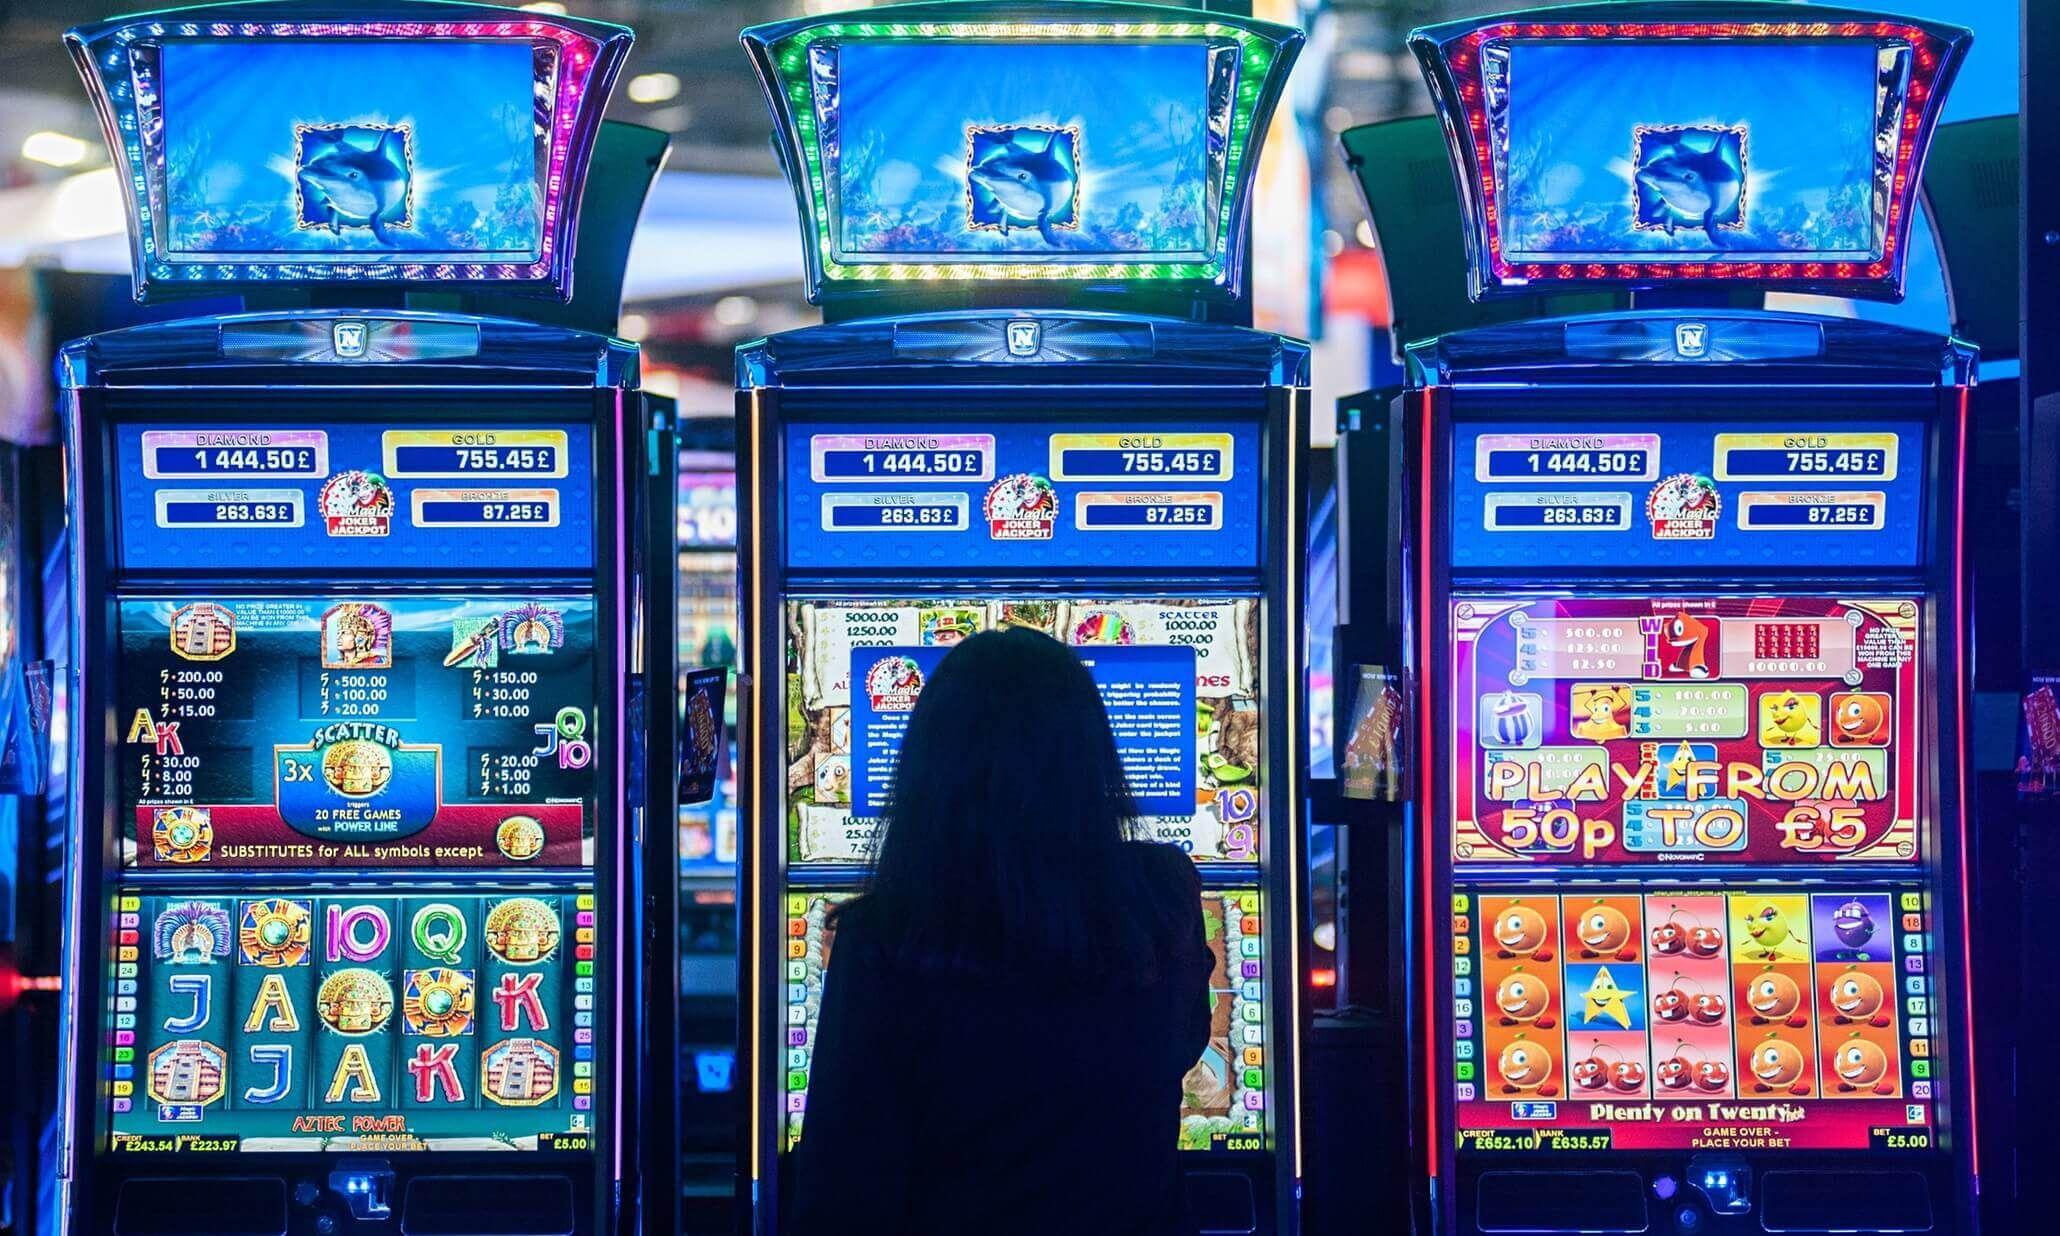 Азартные игры слот автоматы обезьяны скачать бесплатно игровые автоматы адмералы без лимита и смс